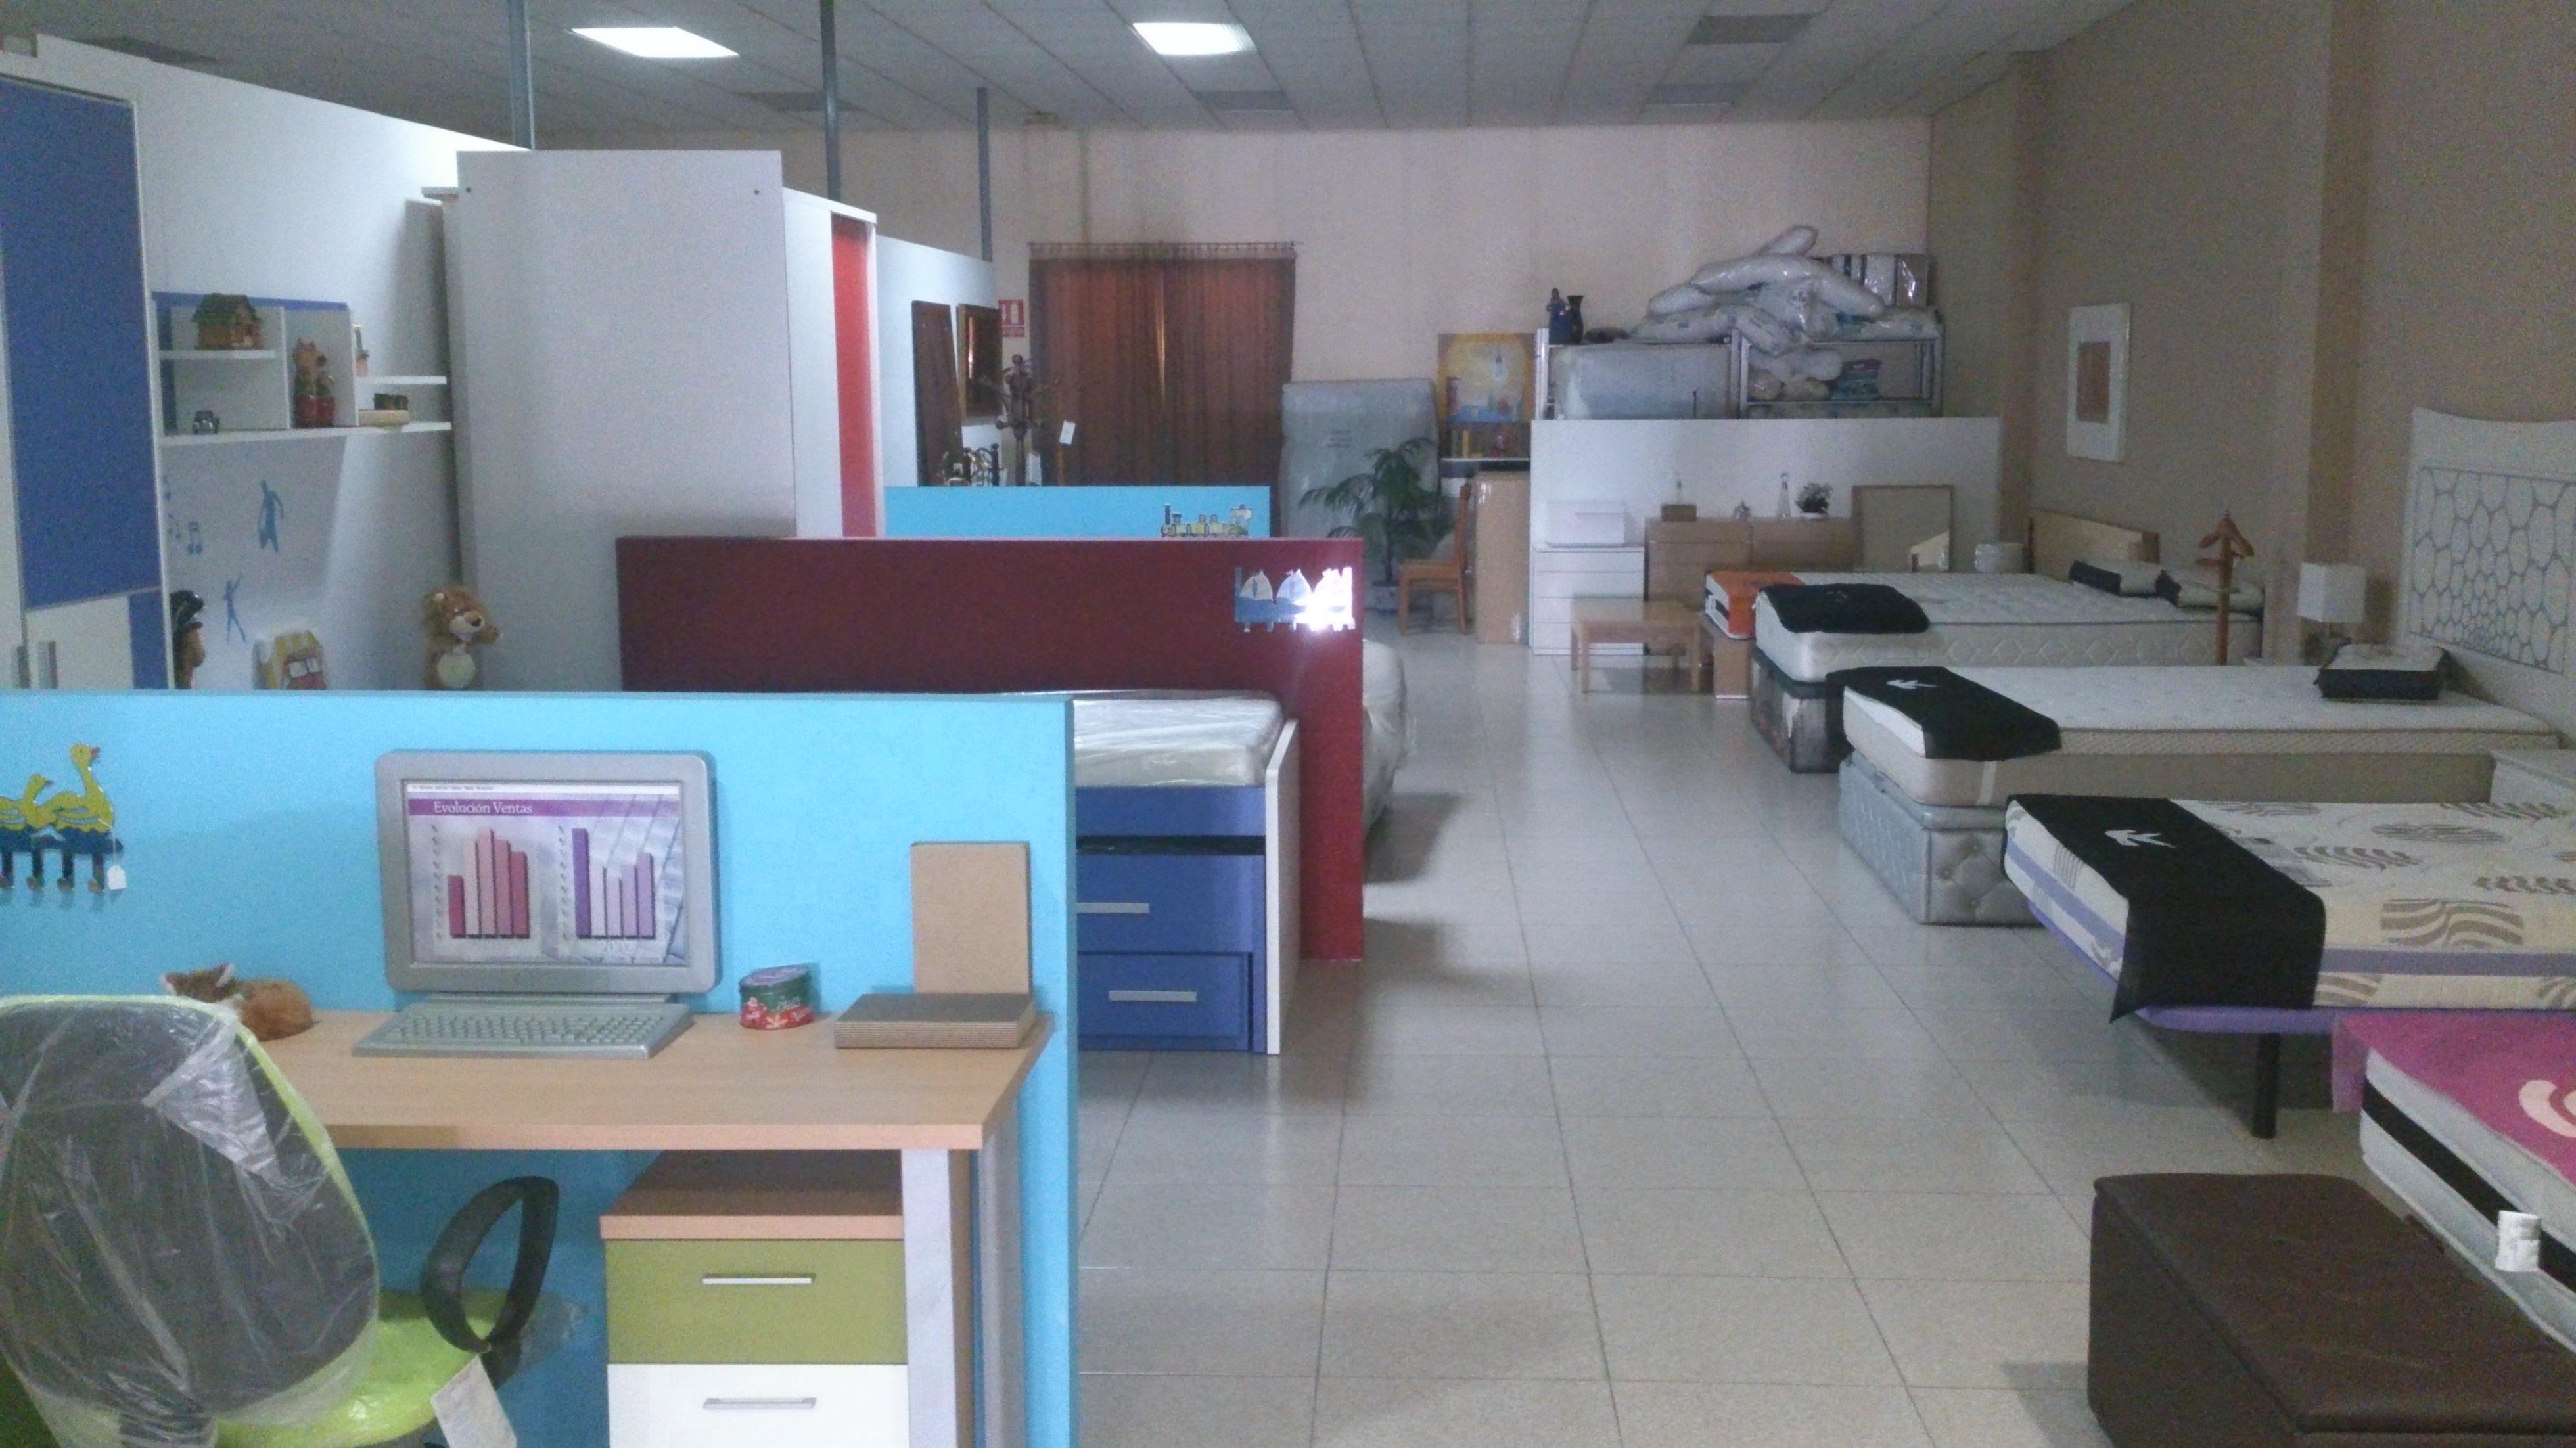 Tienda de muebles baratos online venta de muebles online for Muebles baratos por internet